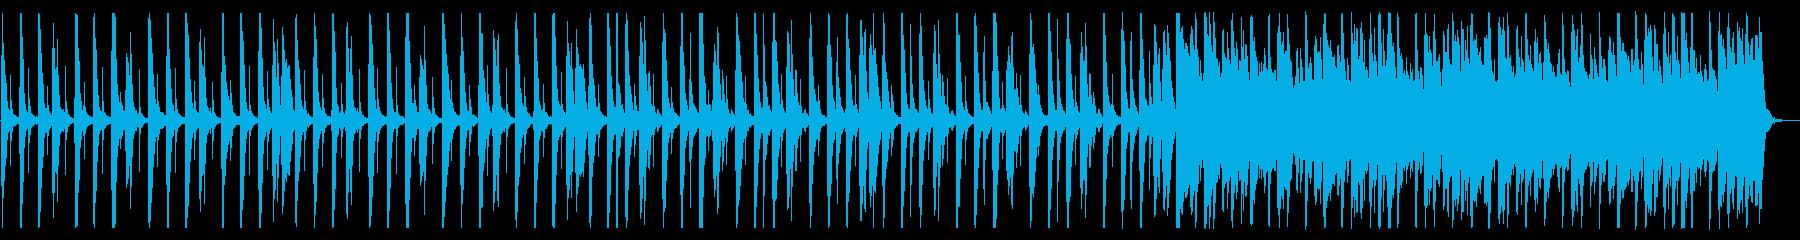 賑やかしくポップなBGM_No617_2の再生済みの波形